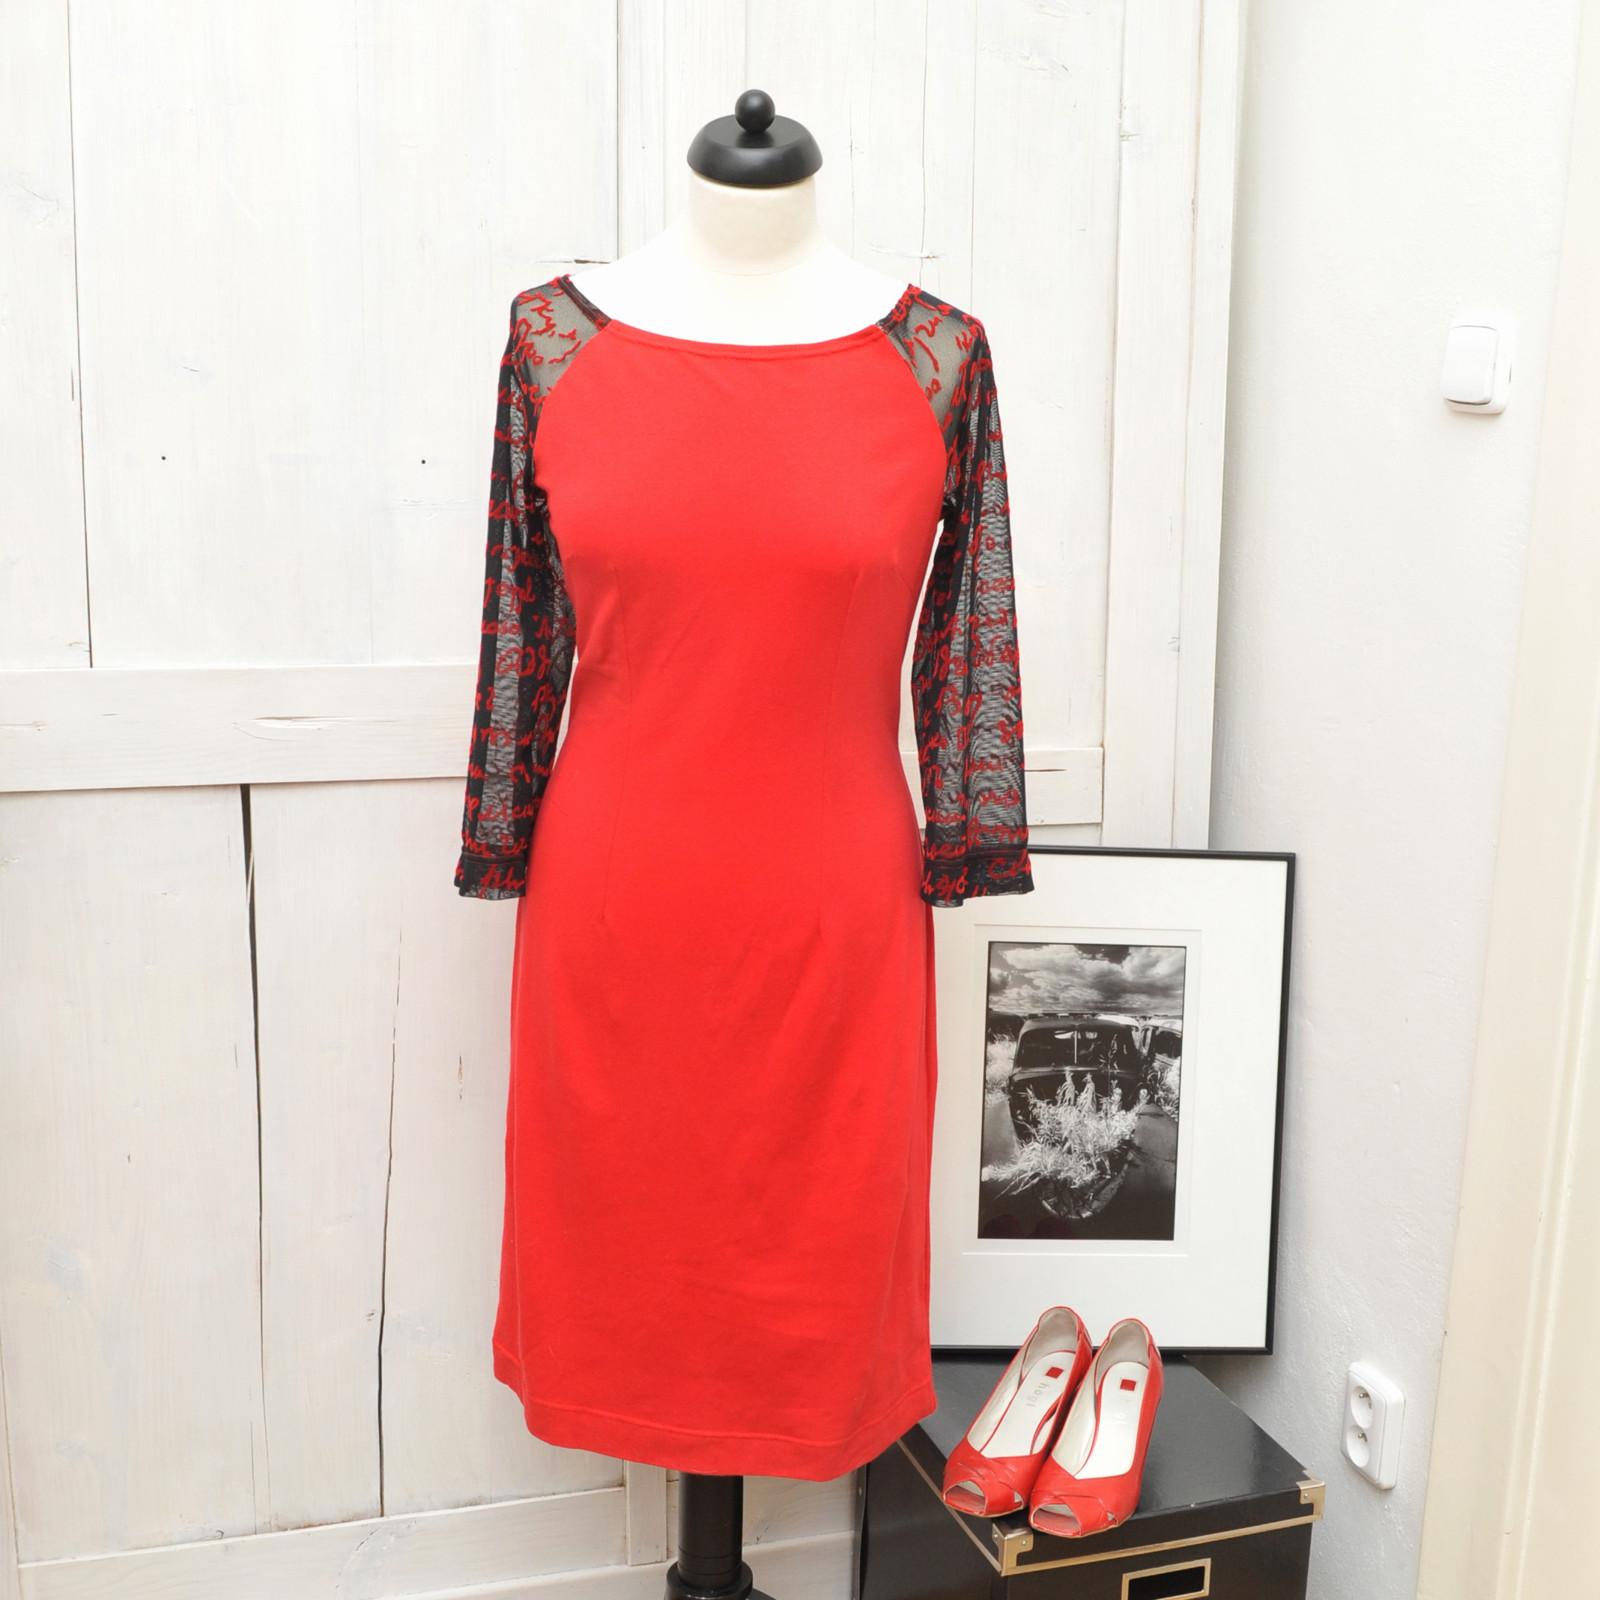 Úpletové šaty s tylovými rukávy   Zboží prodejce INDIVA  9ab9ae4ce5